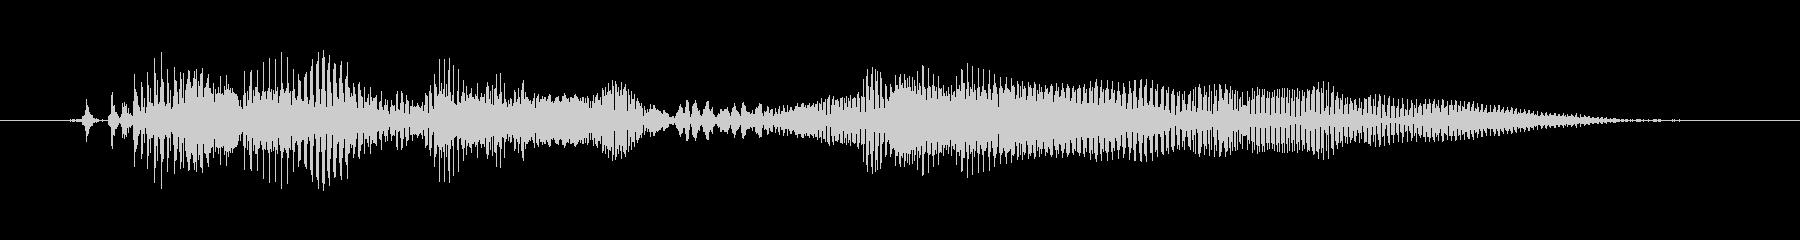 マンチカン、男性の声:わからないの未再生の波形